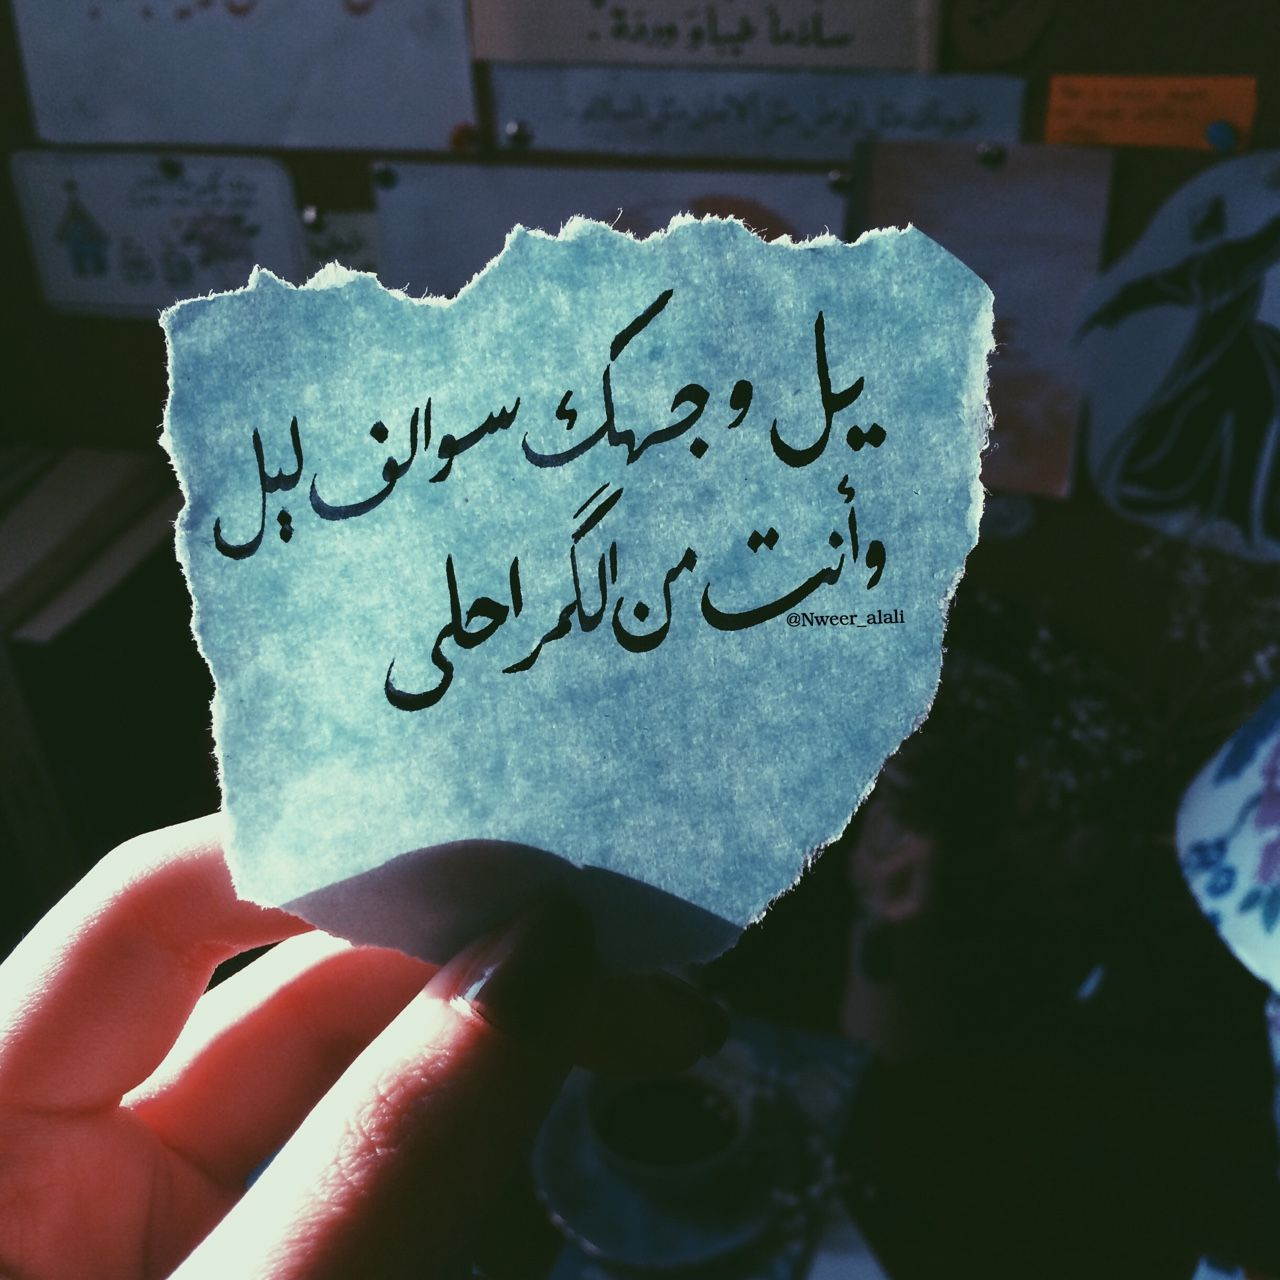 رسائل الحب قصيرة , مسجات قصيرة نادرة للحب